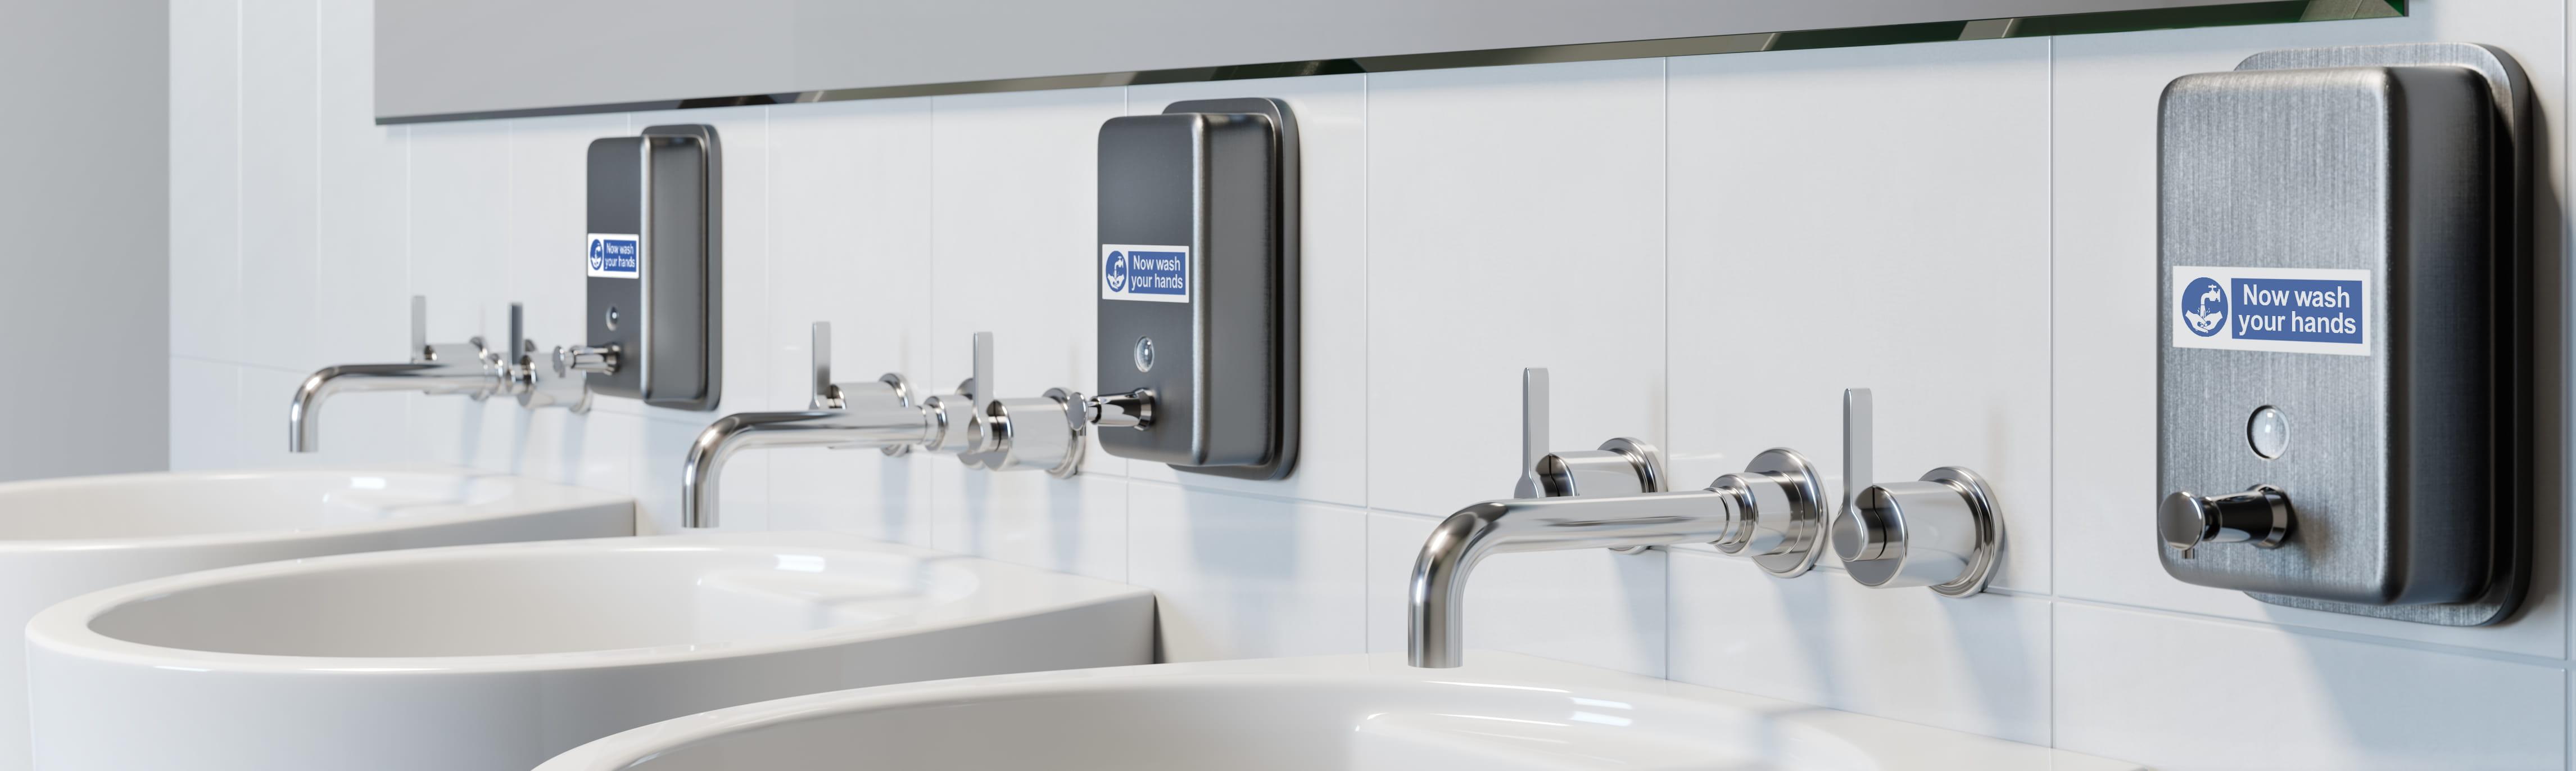 Trzy umywalki w łazience z etykietami Brother p-touch